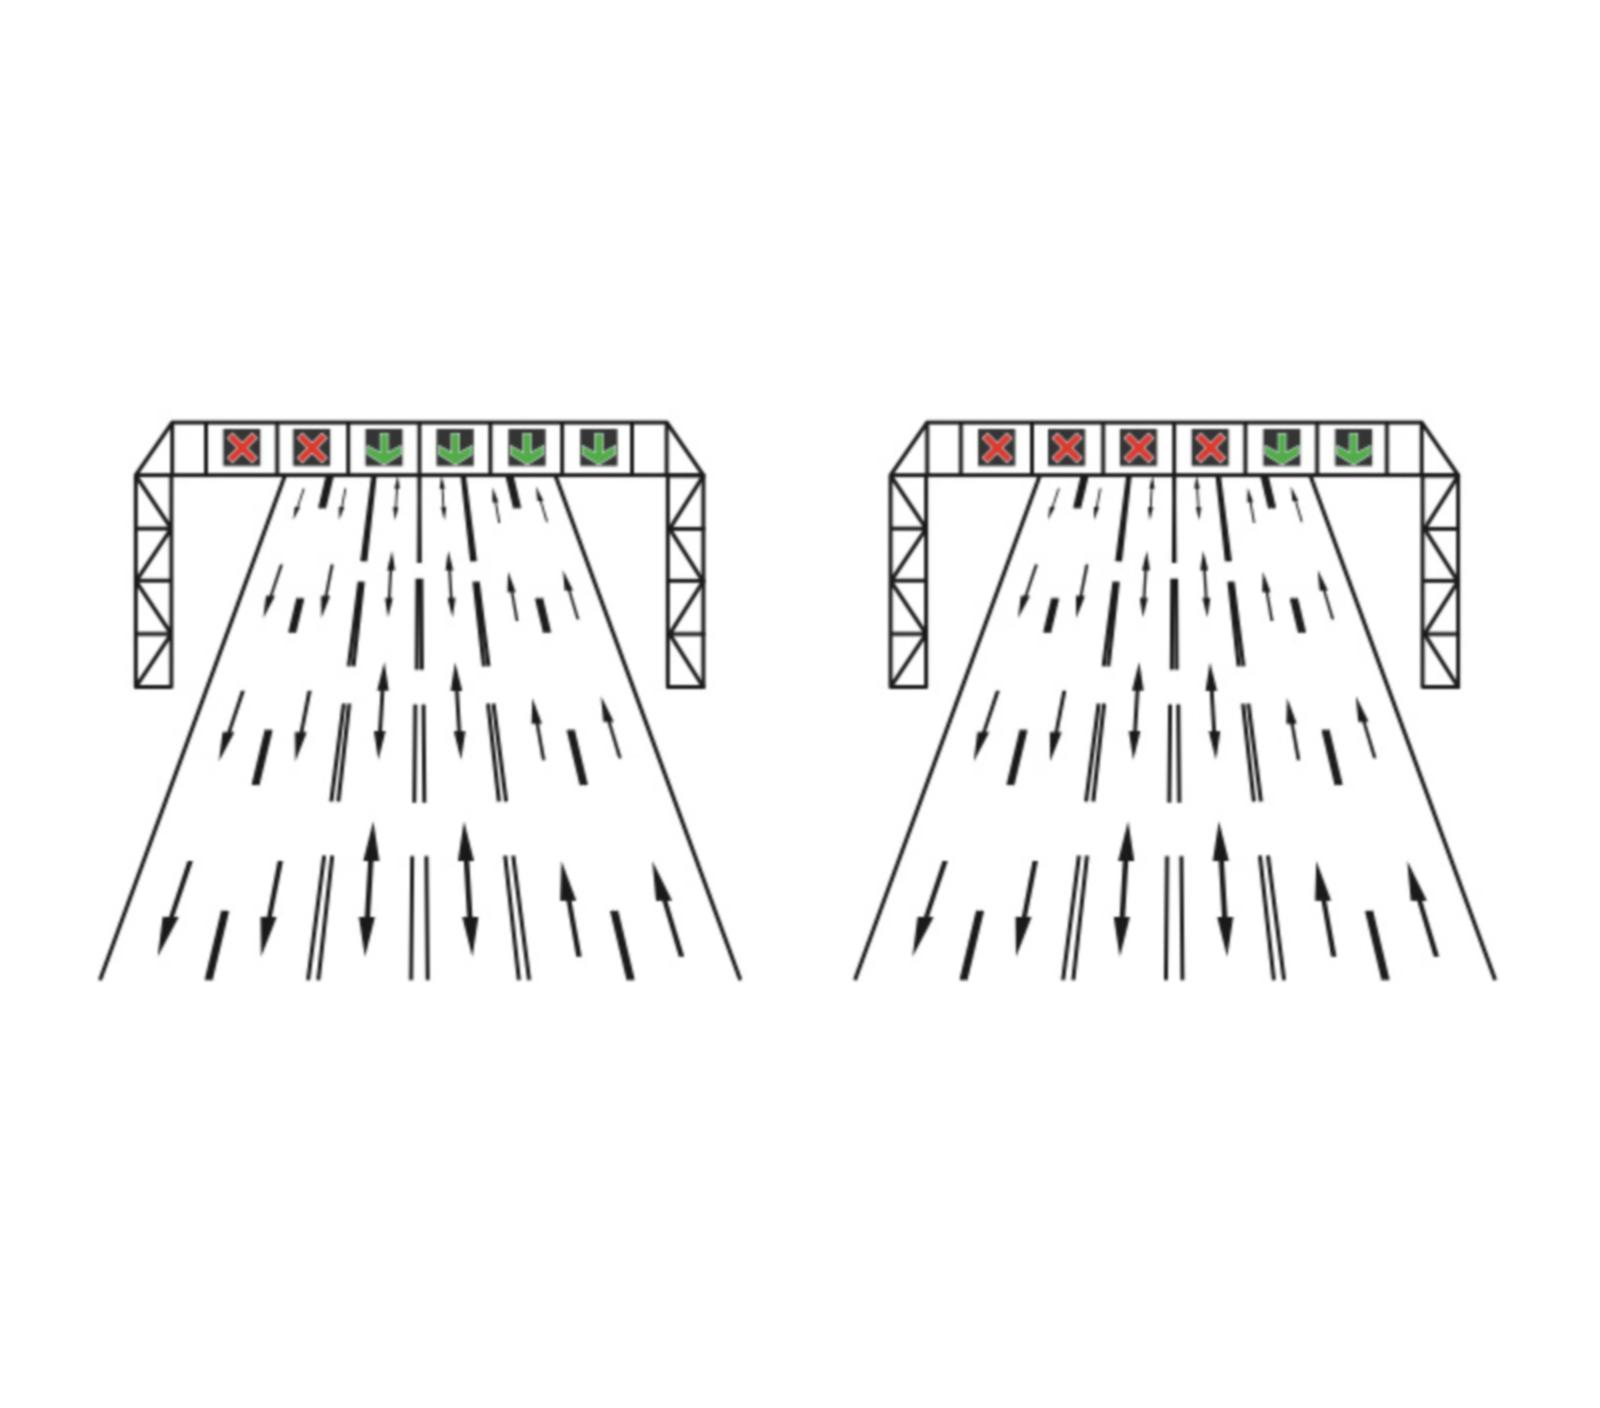 Dispoziții luminoase pentru dirijarea circulația pe benzi reversibile